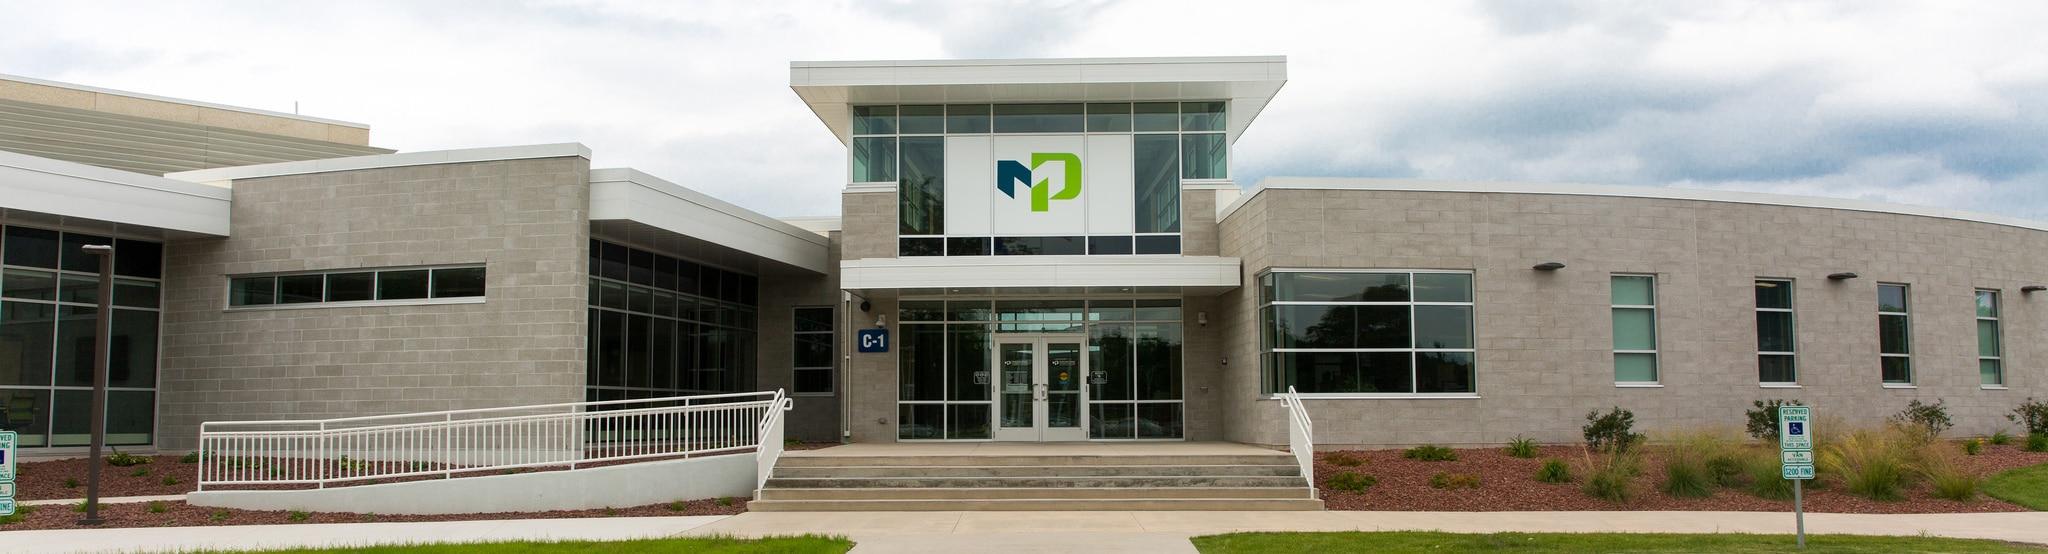 MPTC's main entrance